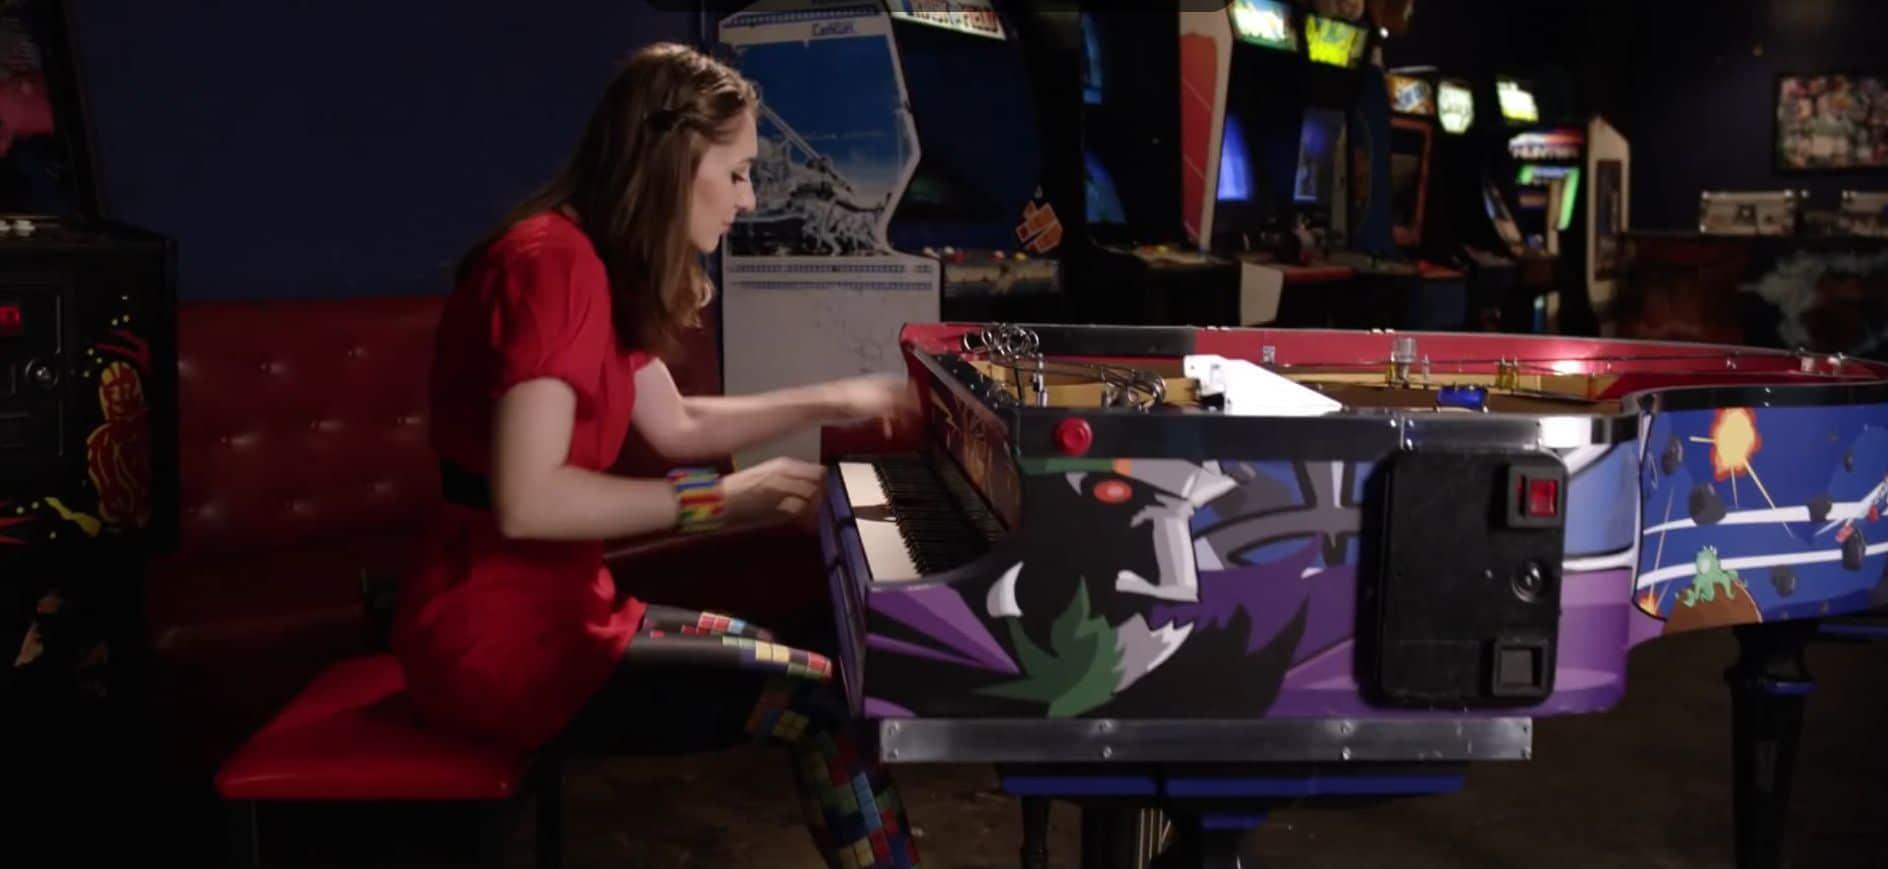 Tolle Leistung: Berühmte Stücke aus Videospielen neu interpretieren. (Foto: Youtube)